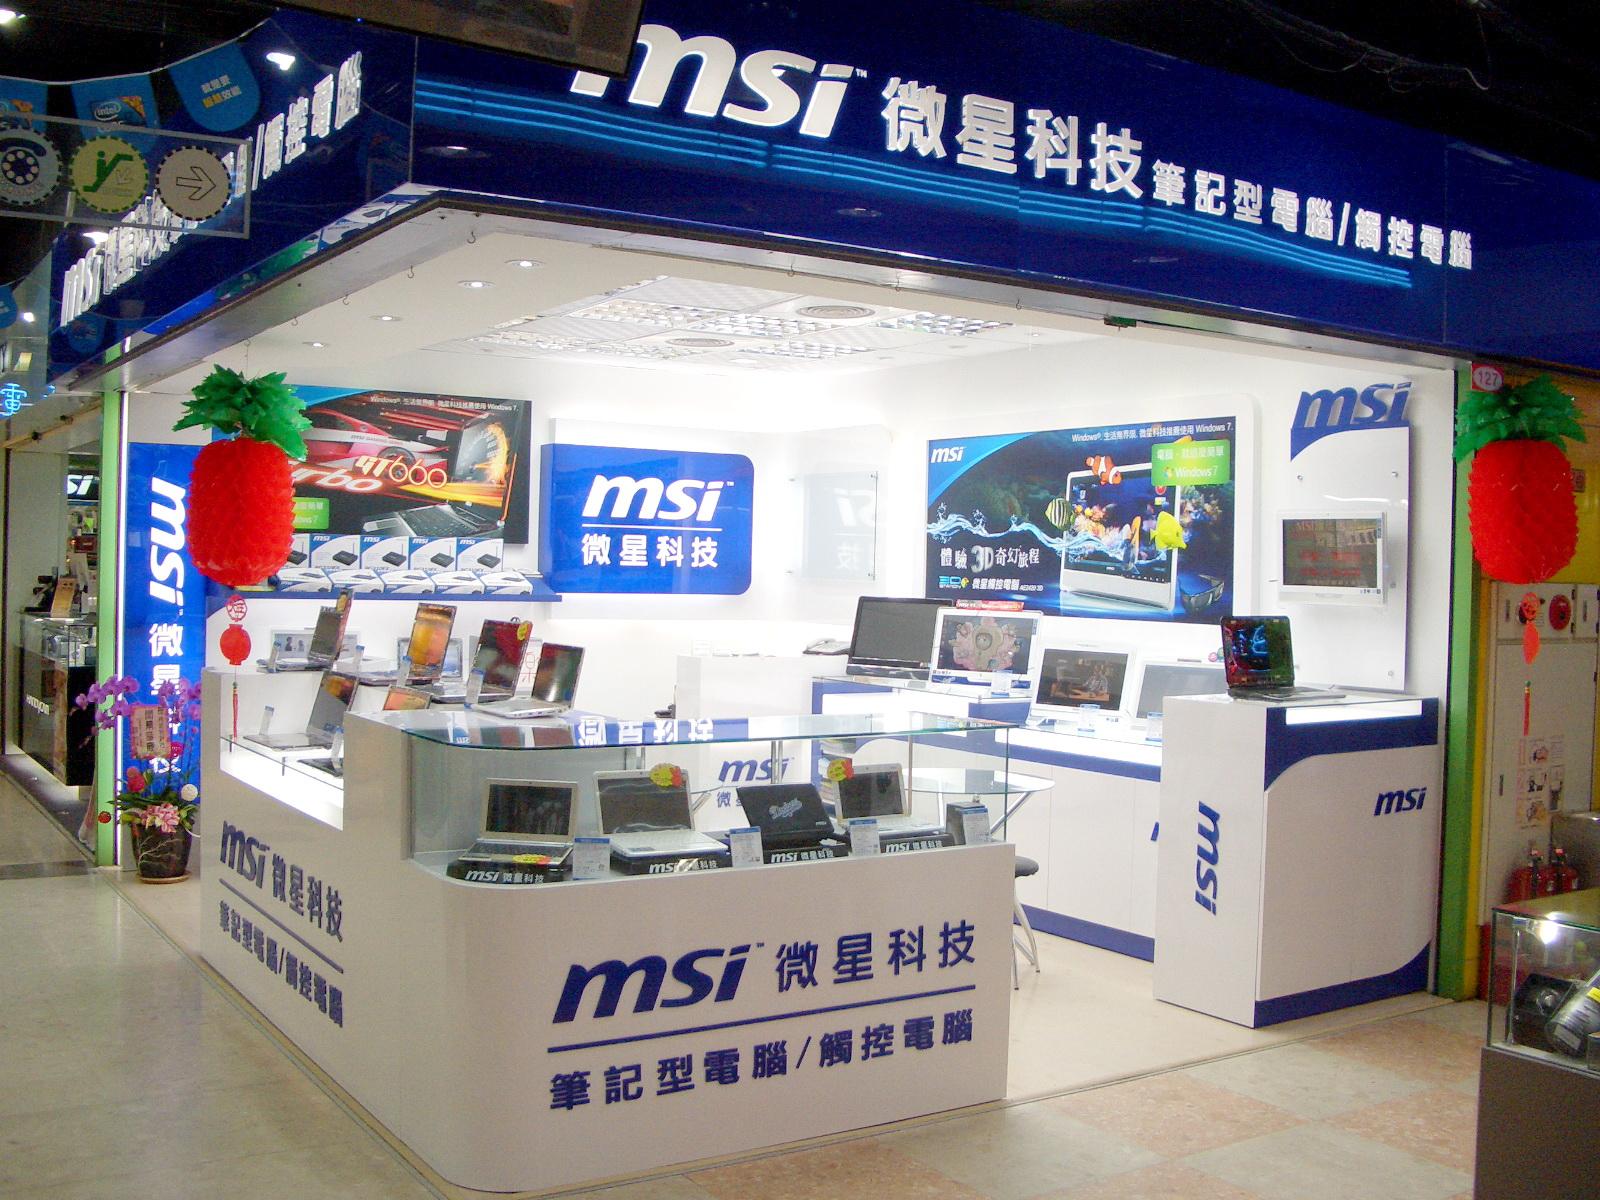 MSI微星科技台中專賣店  開幕好禮獎不完